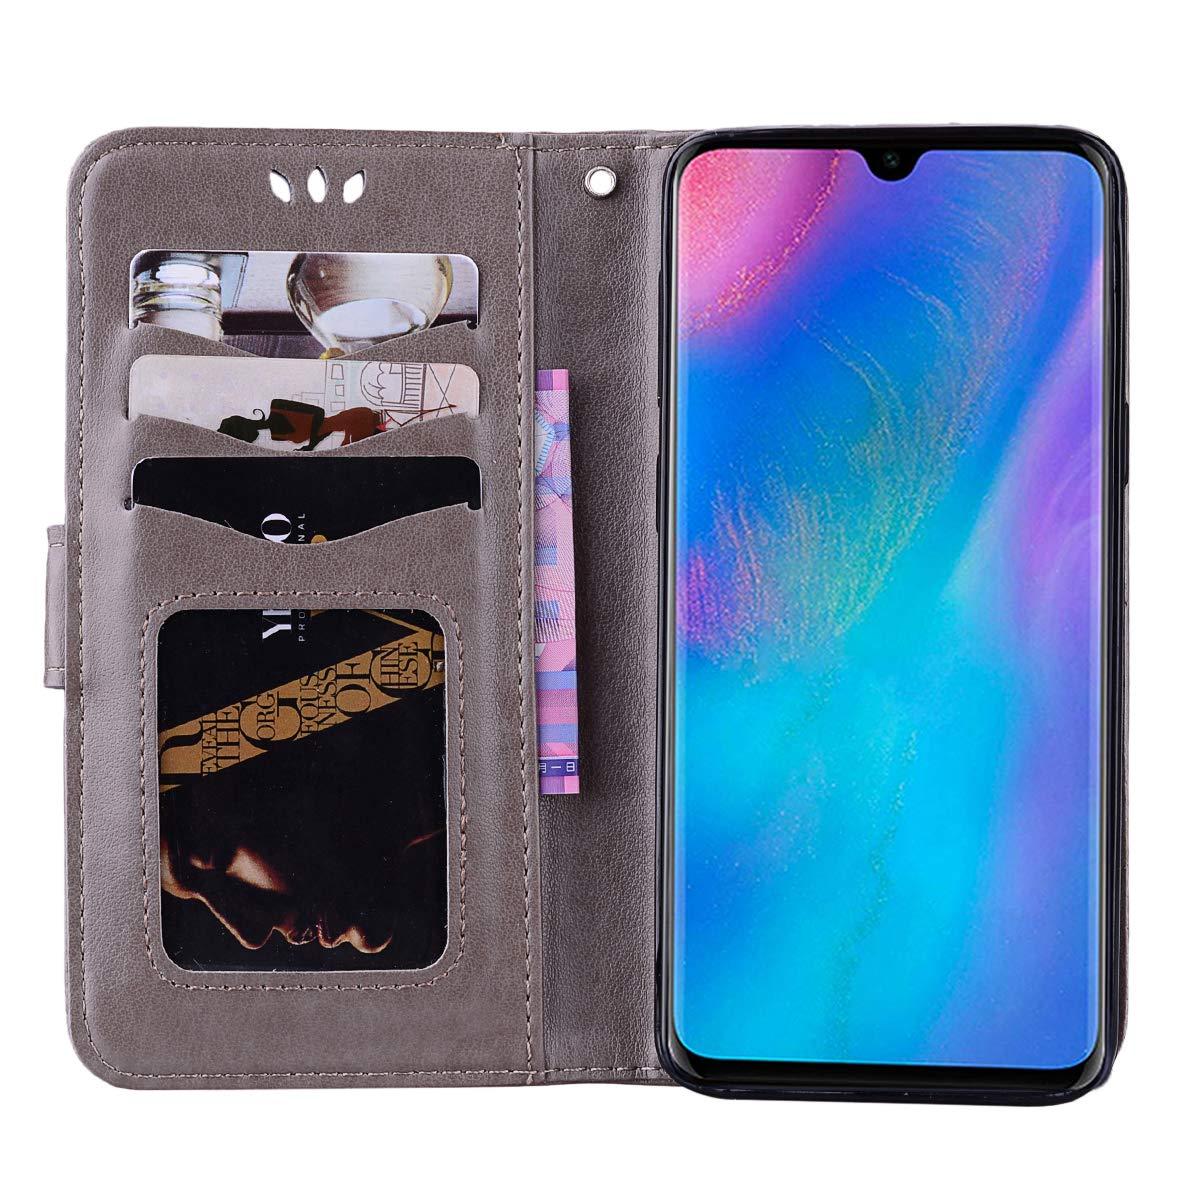 Folio Souple TPU Bumper de Protection Mince Pochette Etui Housse en Cuir PU /à Rabat pour Huawei P30 Lite Bleu DENDICO Coque Huawei P30 Lite